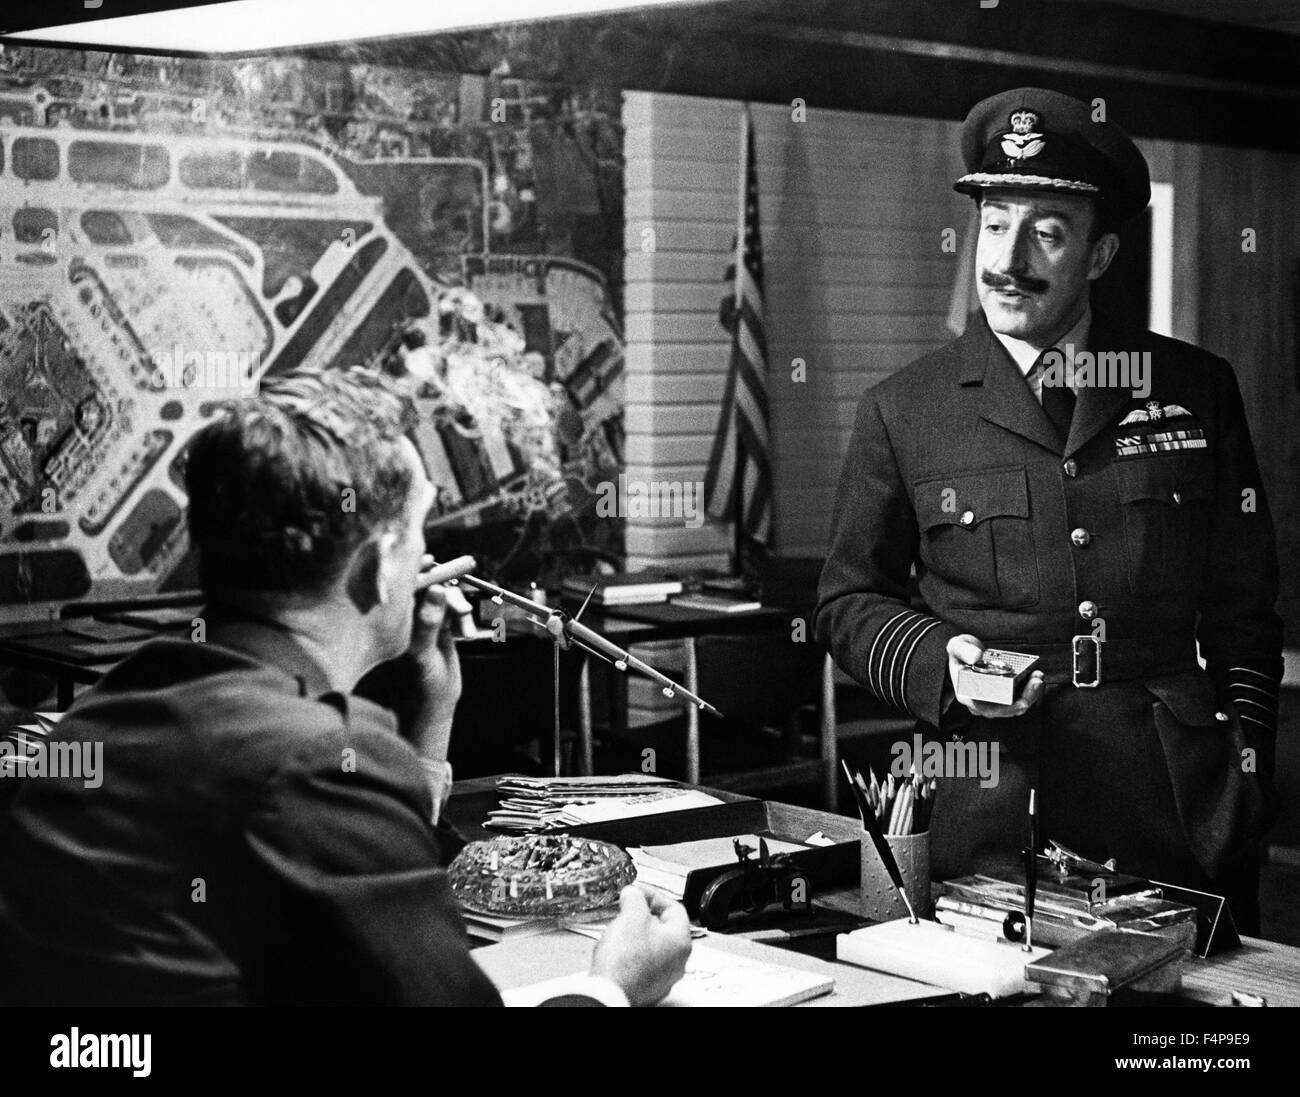 Risultati immagini per il dottor stranamore film 1964